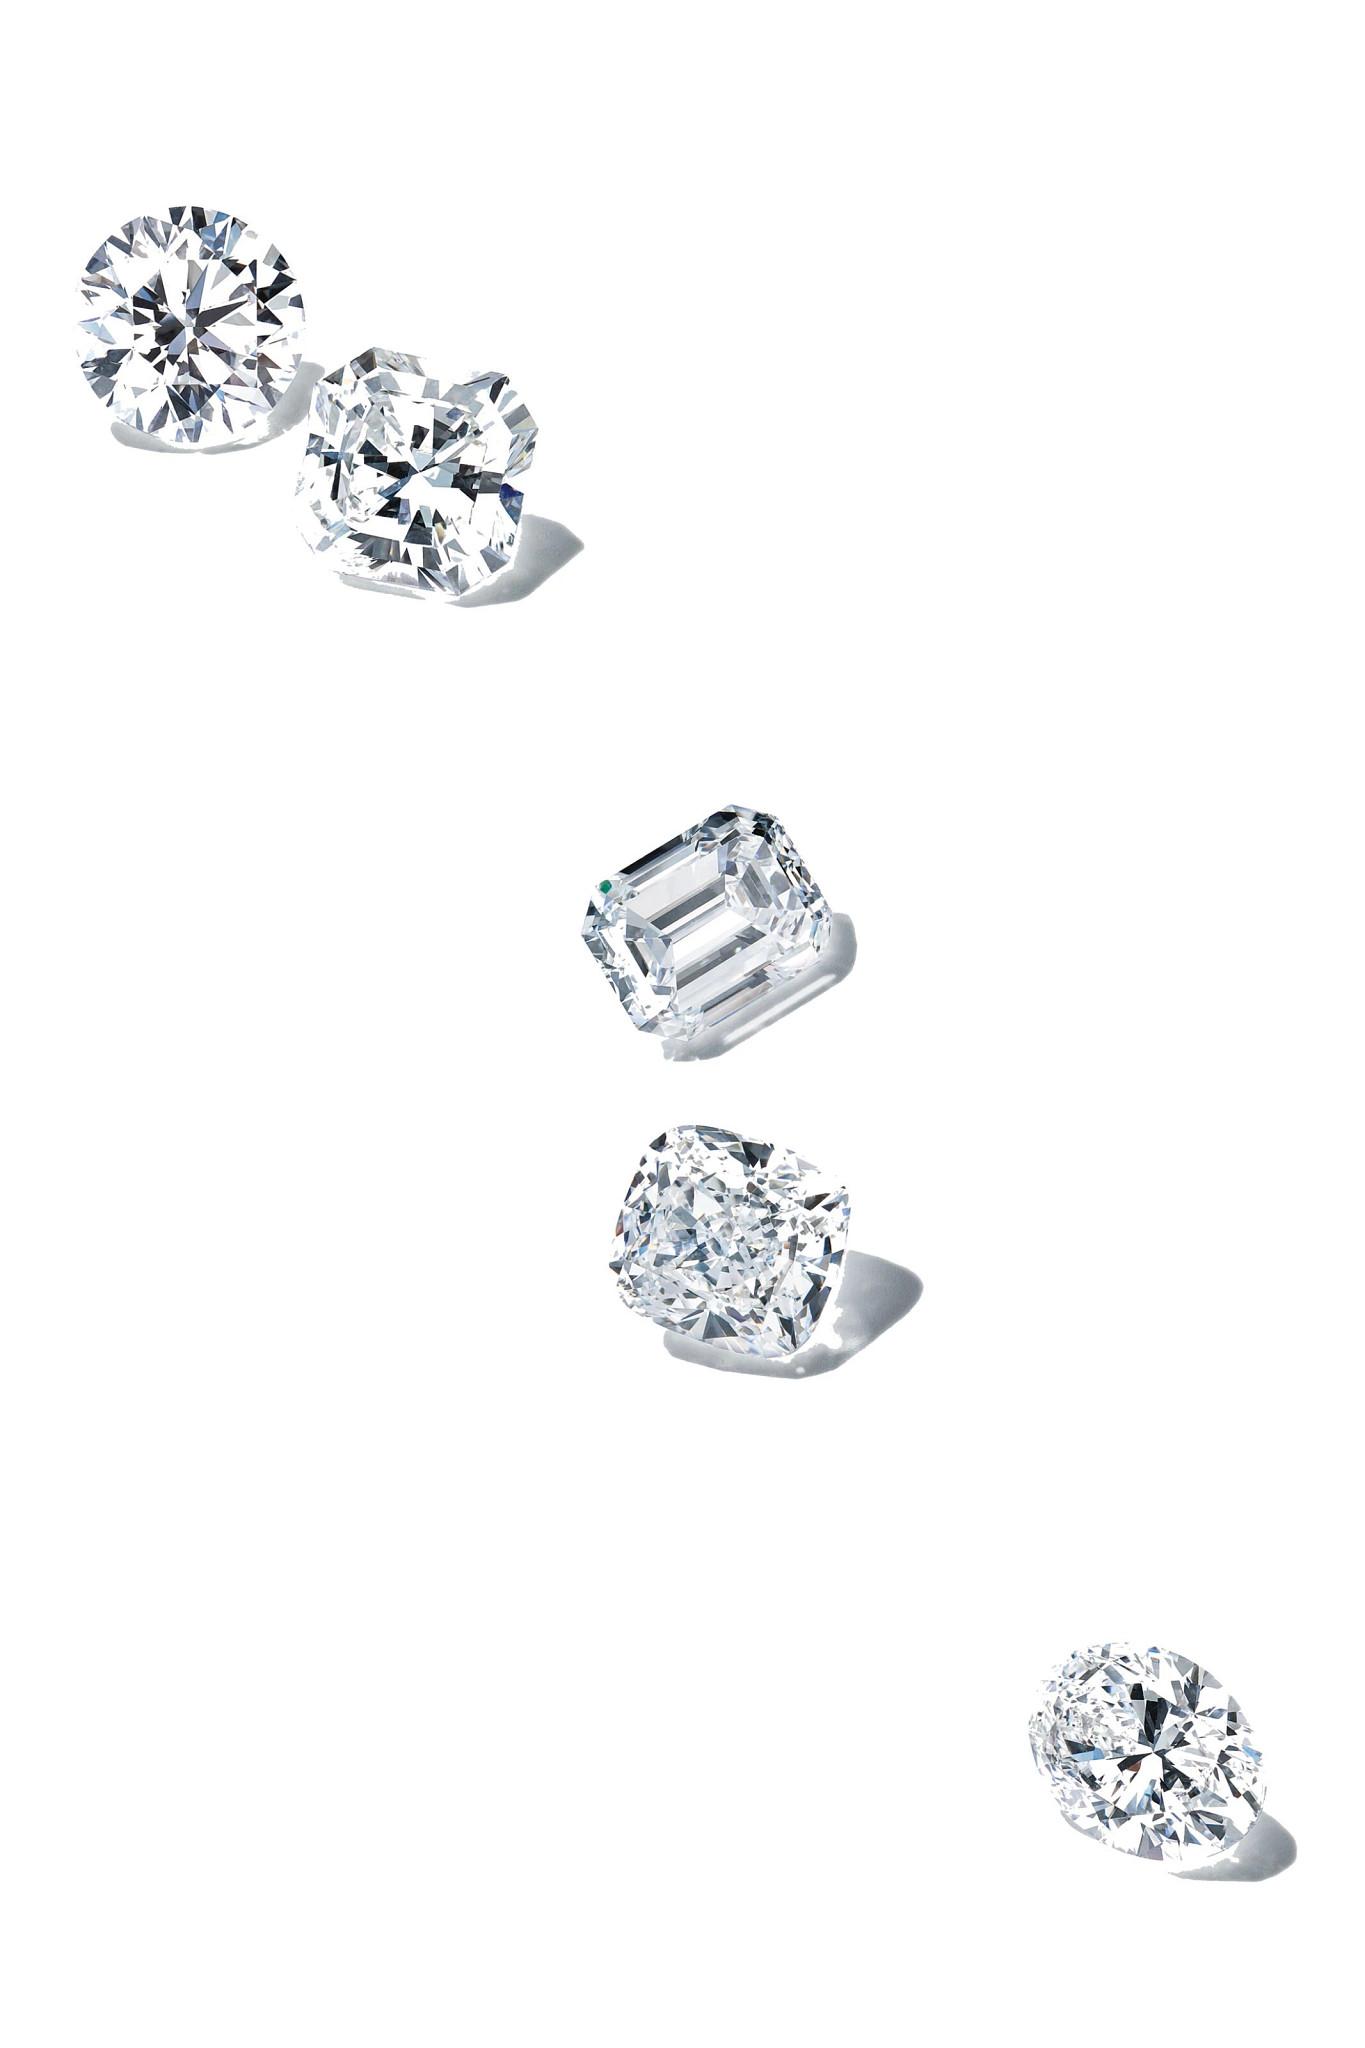 未镶嵌的天然钻石